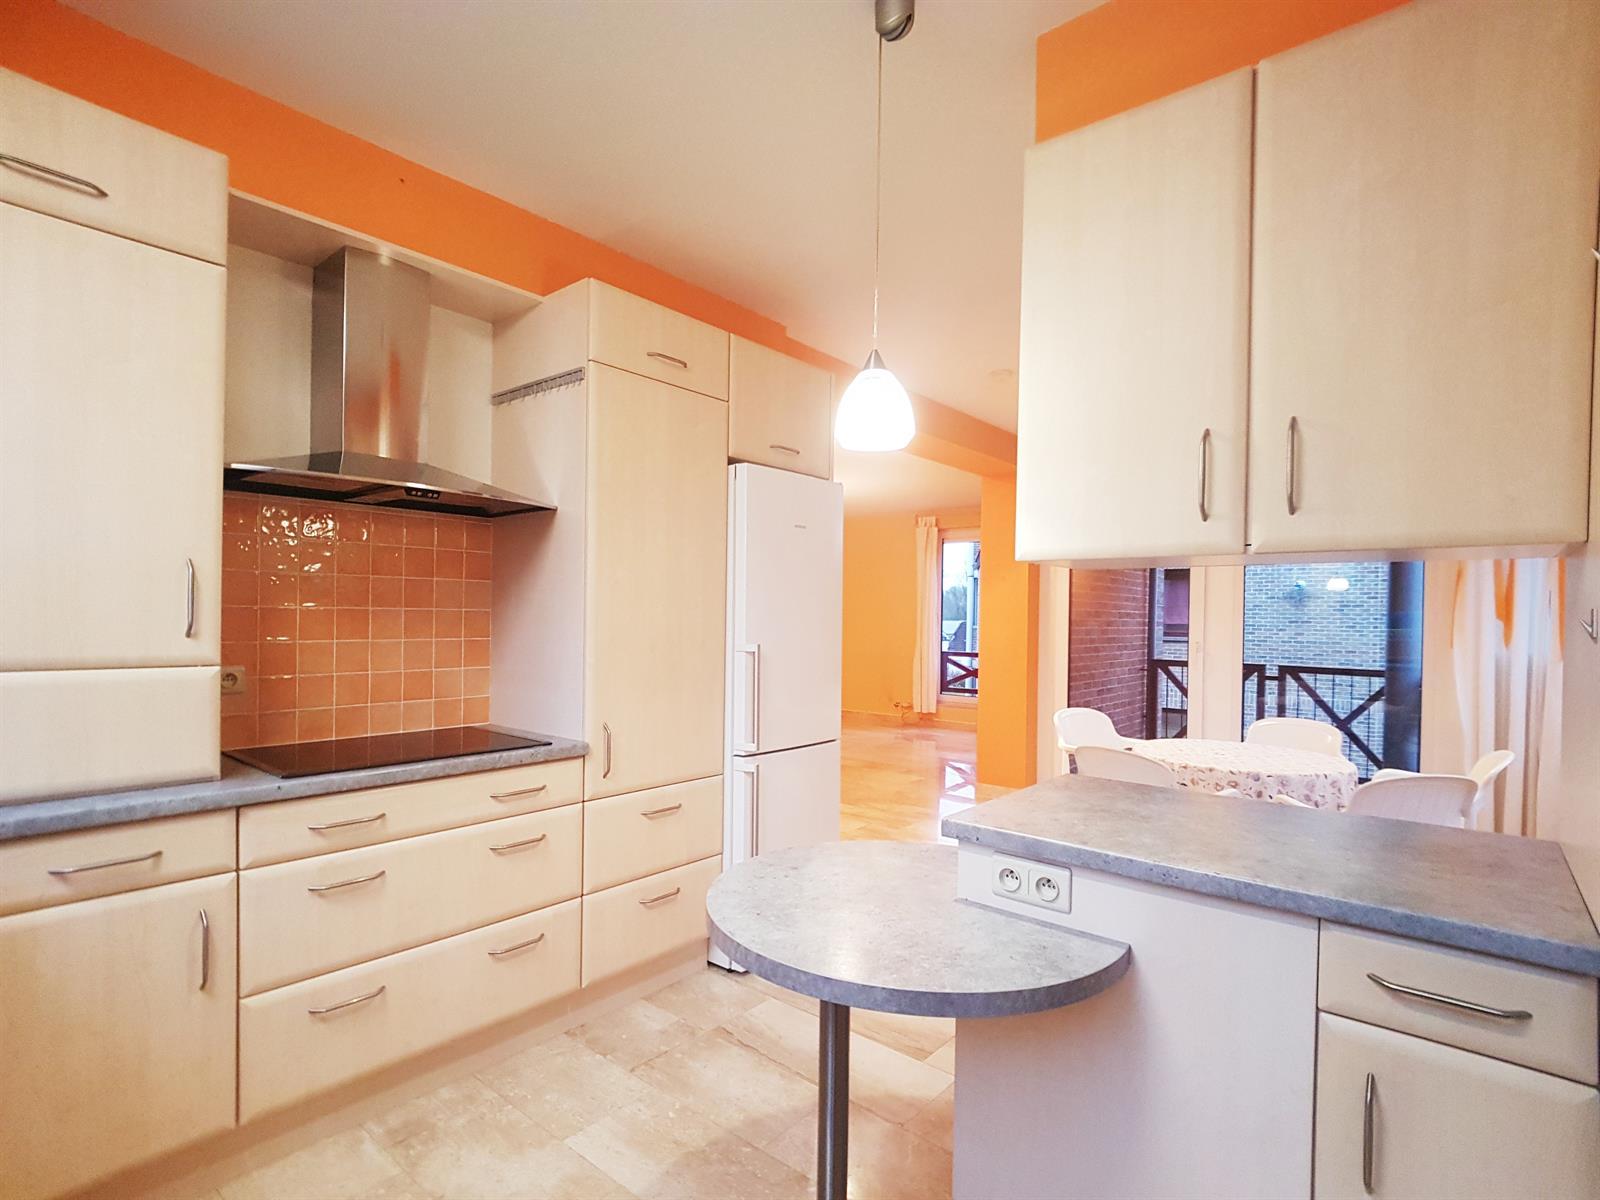 Appartement - Ottignies-Louvain-la-Neuve - #4254648-5